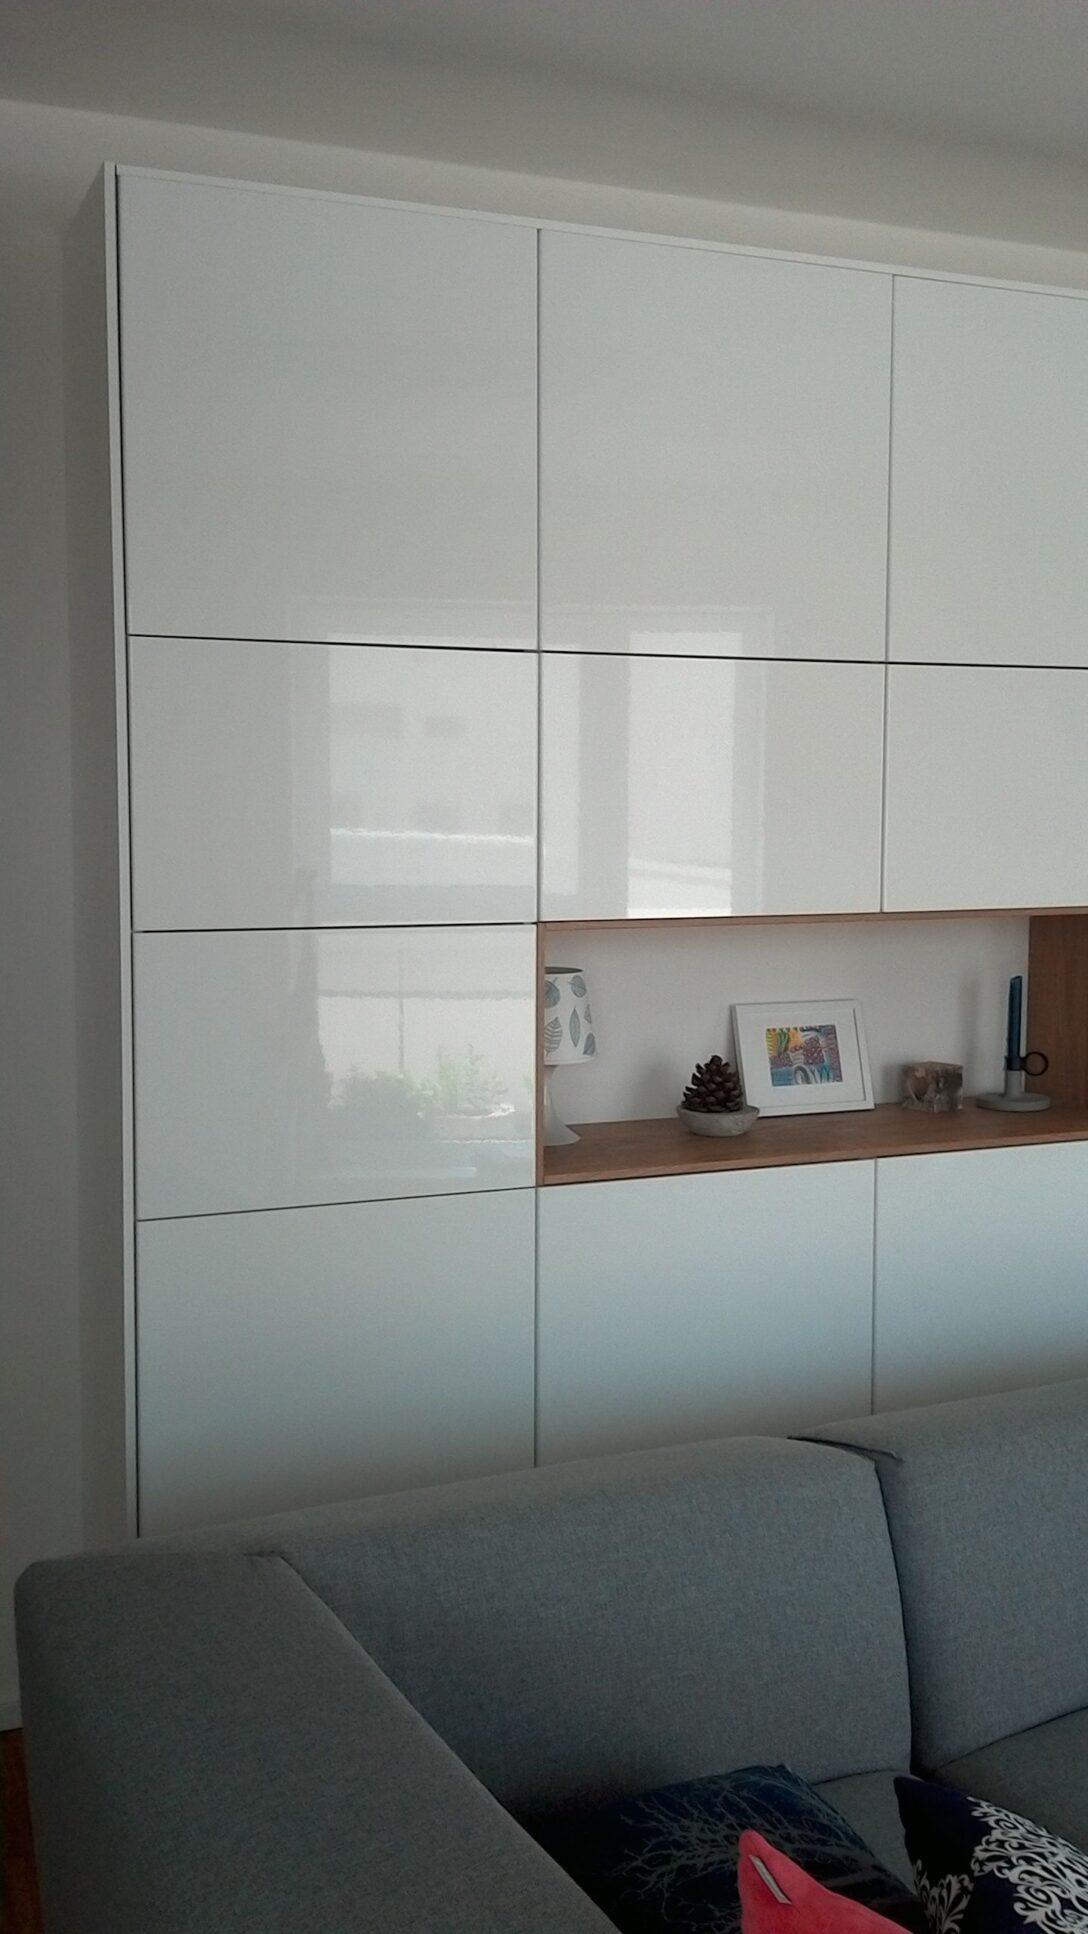 Large Size of Wohnzimmerschränke Ikea Method Ringhult Plus Hyttan Als Wohnzimmerschrank Küche Kaufen Betten Bei Kosten Sofa Mit Schlaffunktion Miniküche Modulküche Wohnzimmer Wohnzimmerschränke Ikea